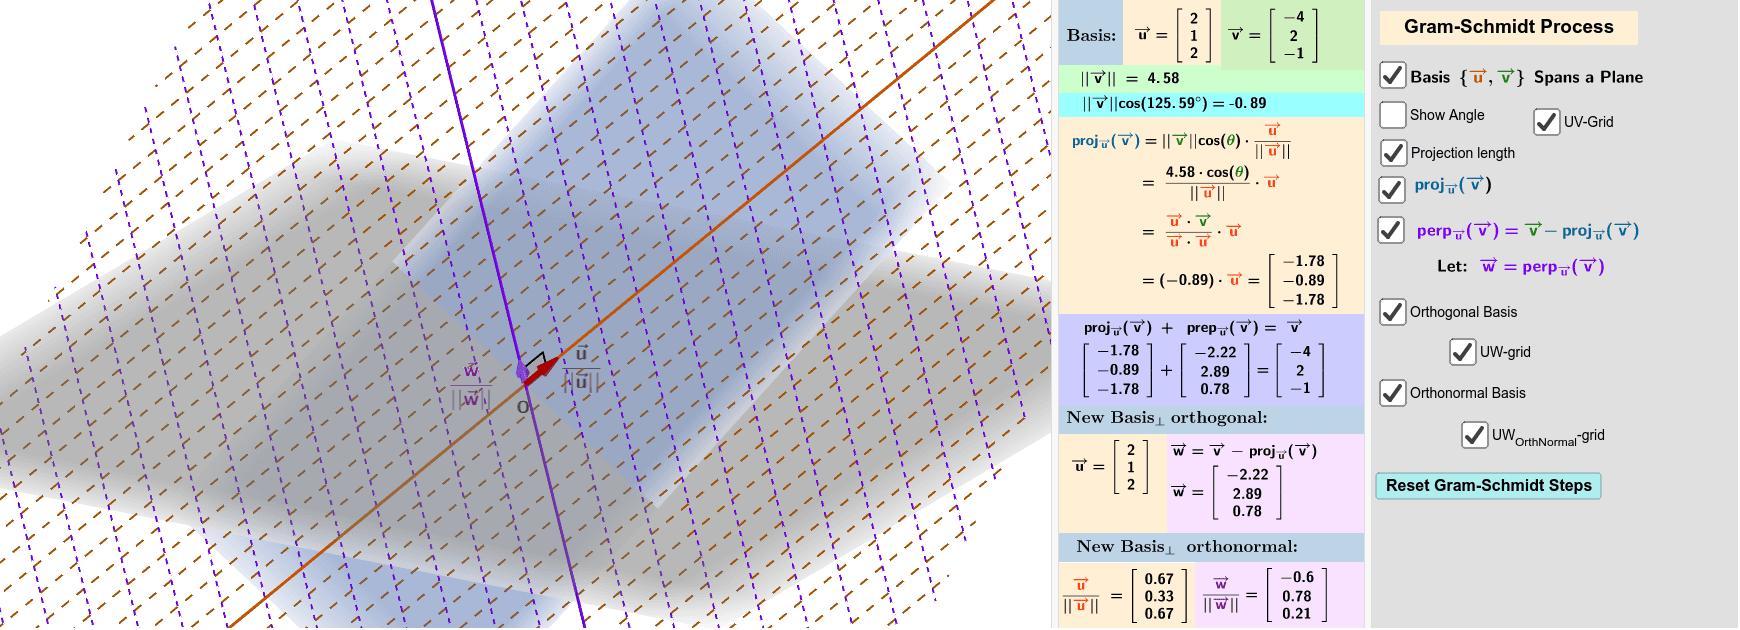 Gram-Schmidt Process - Applet